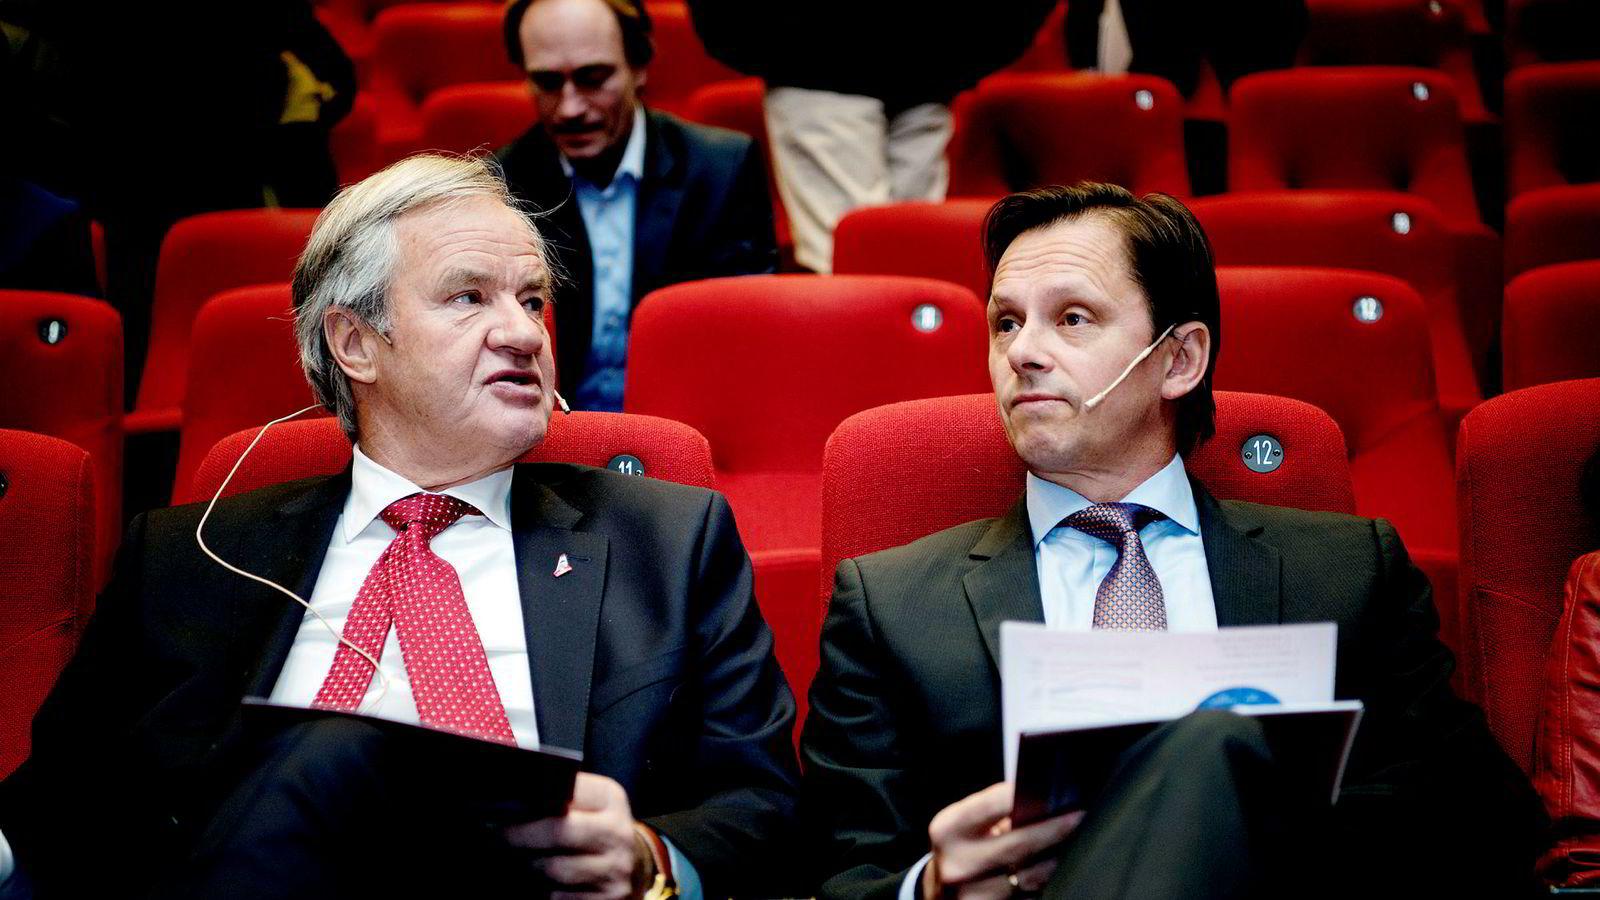 Norwegian-sjef Bjørn Kjos og Norwegians tidligere finansdirektør Frode Foss er begge blant de største aksjonærene i WR Entertainment.